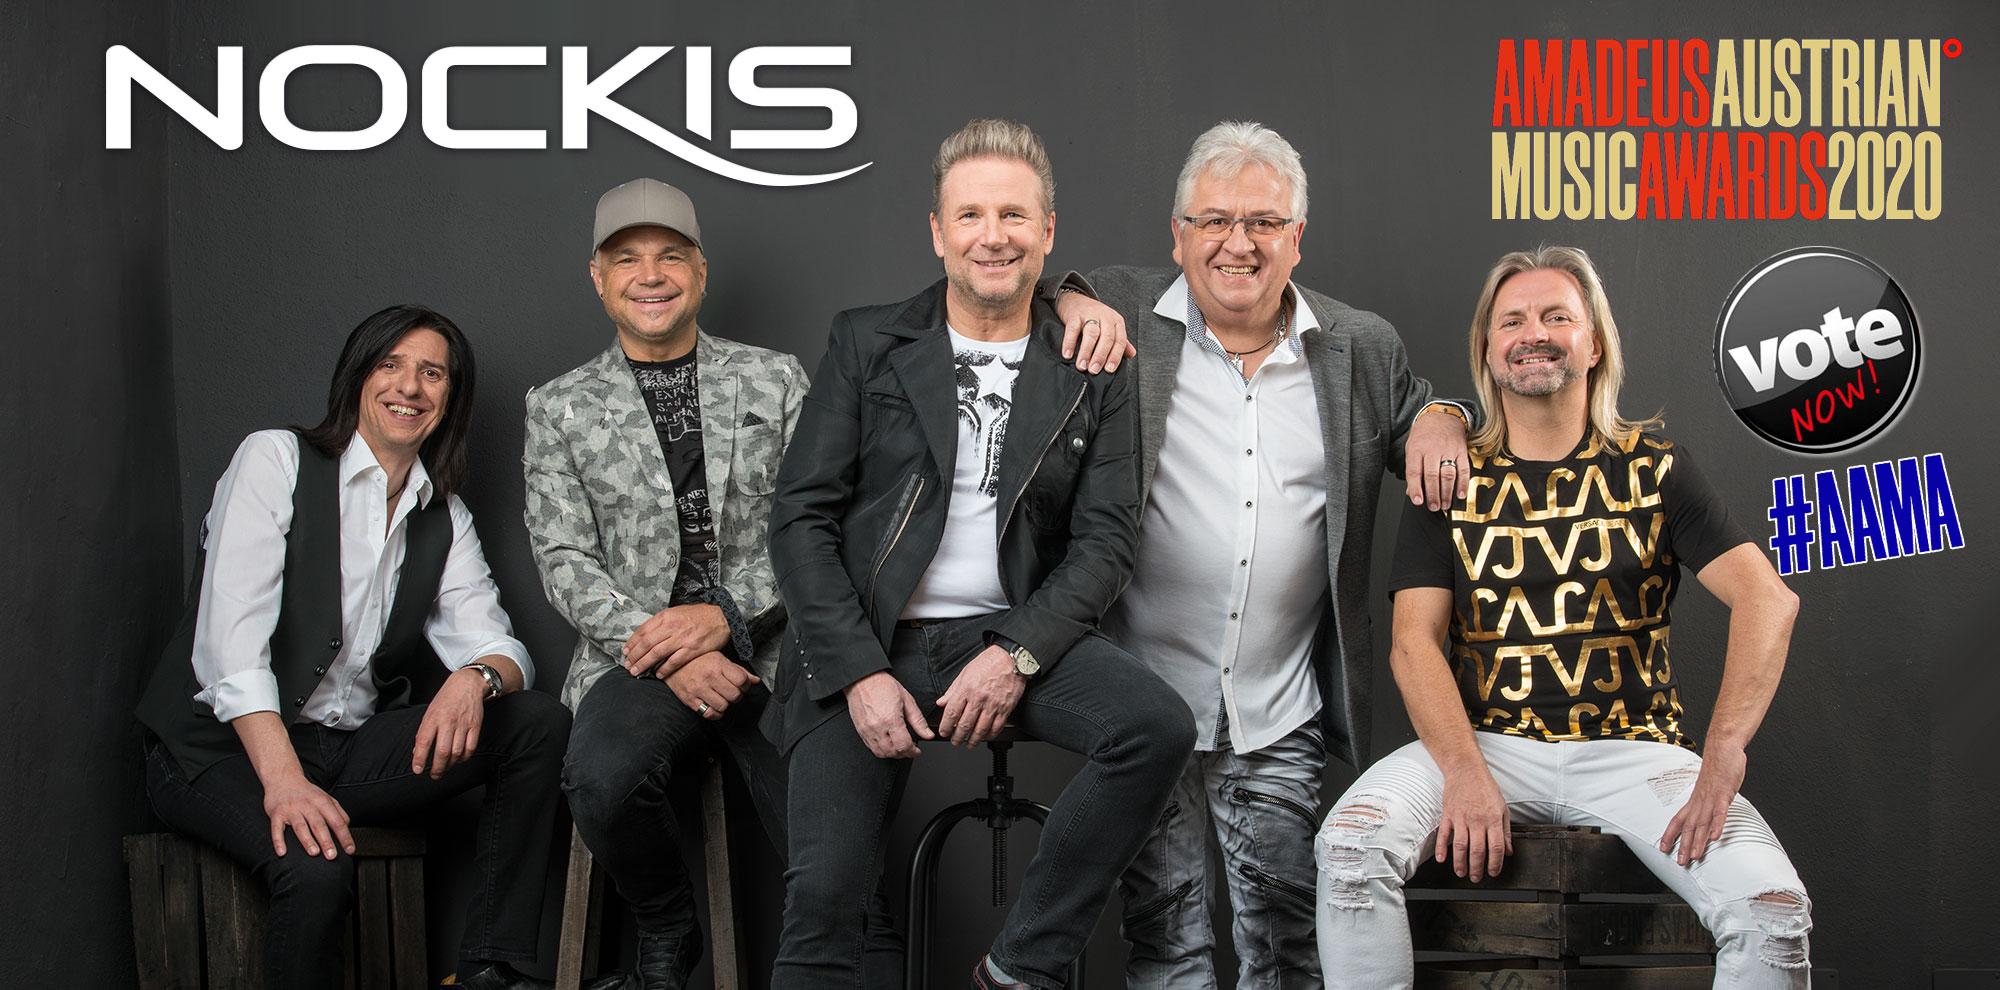 Nockis für Amadeus Austrian Music Awards 2020 nominiert